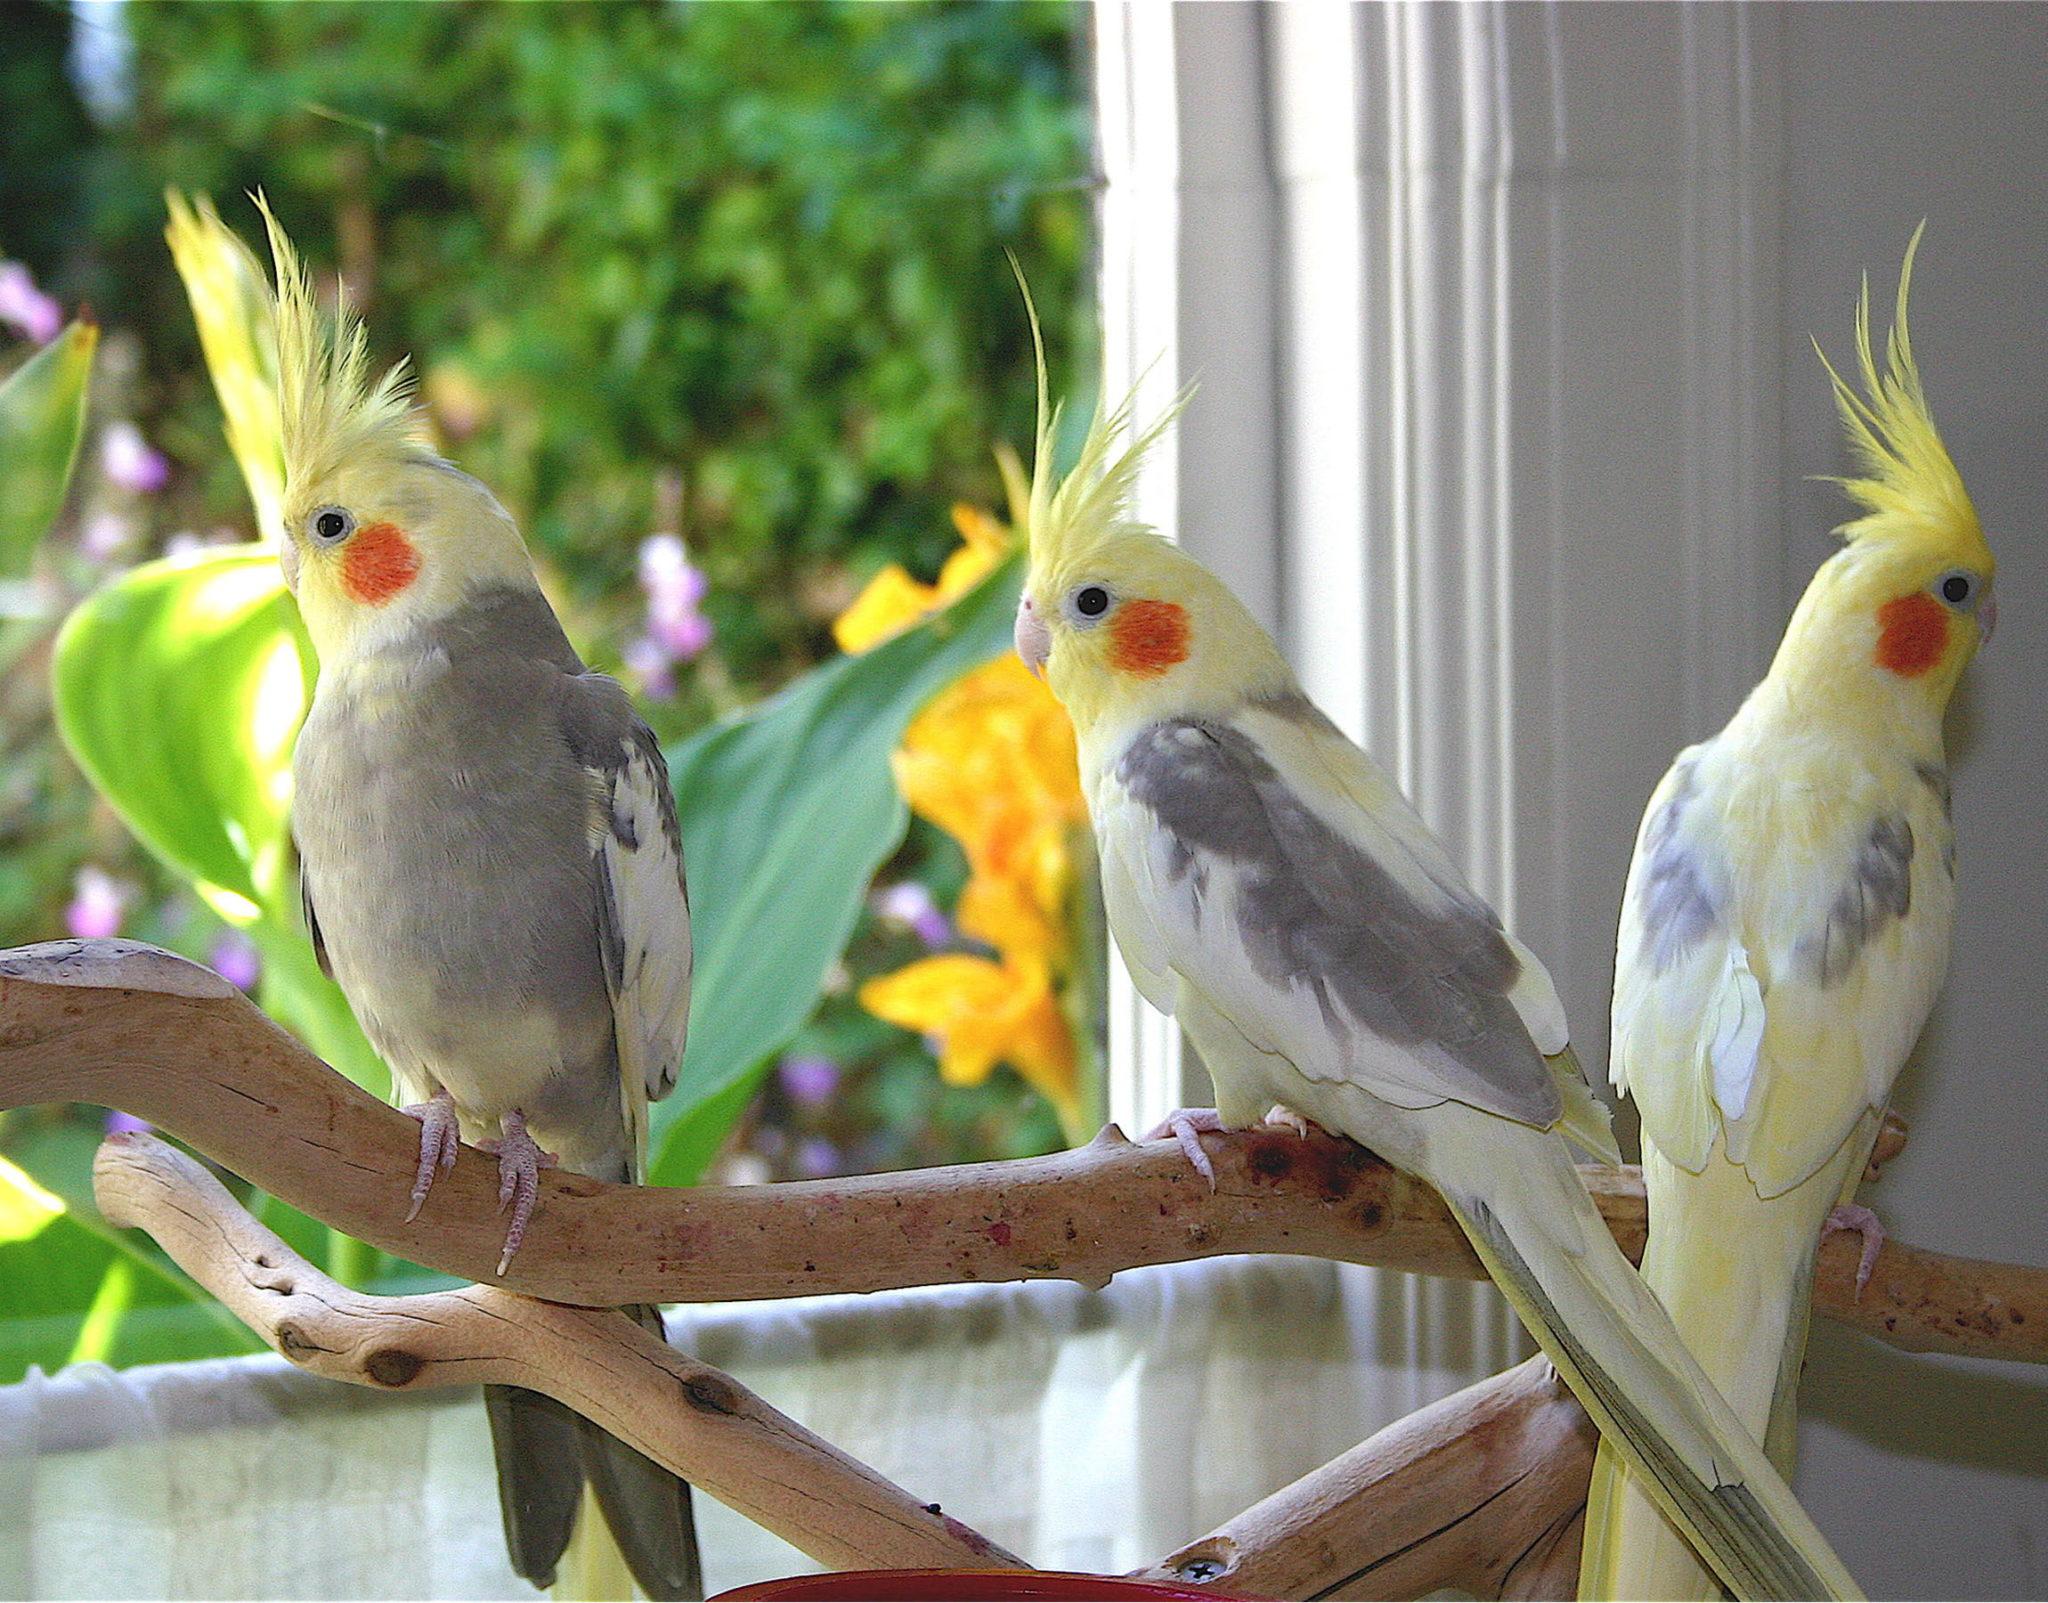 بالصور انواع الكناري , طائر الكناري بانواعه المختلفه 838 10